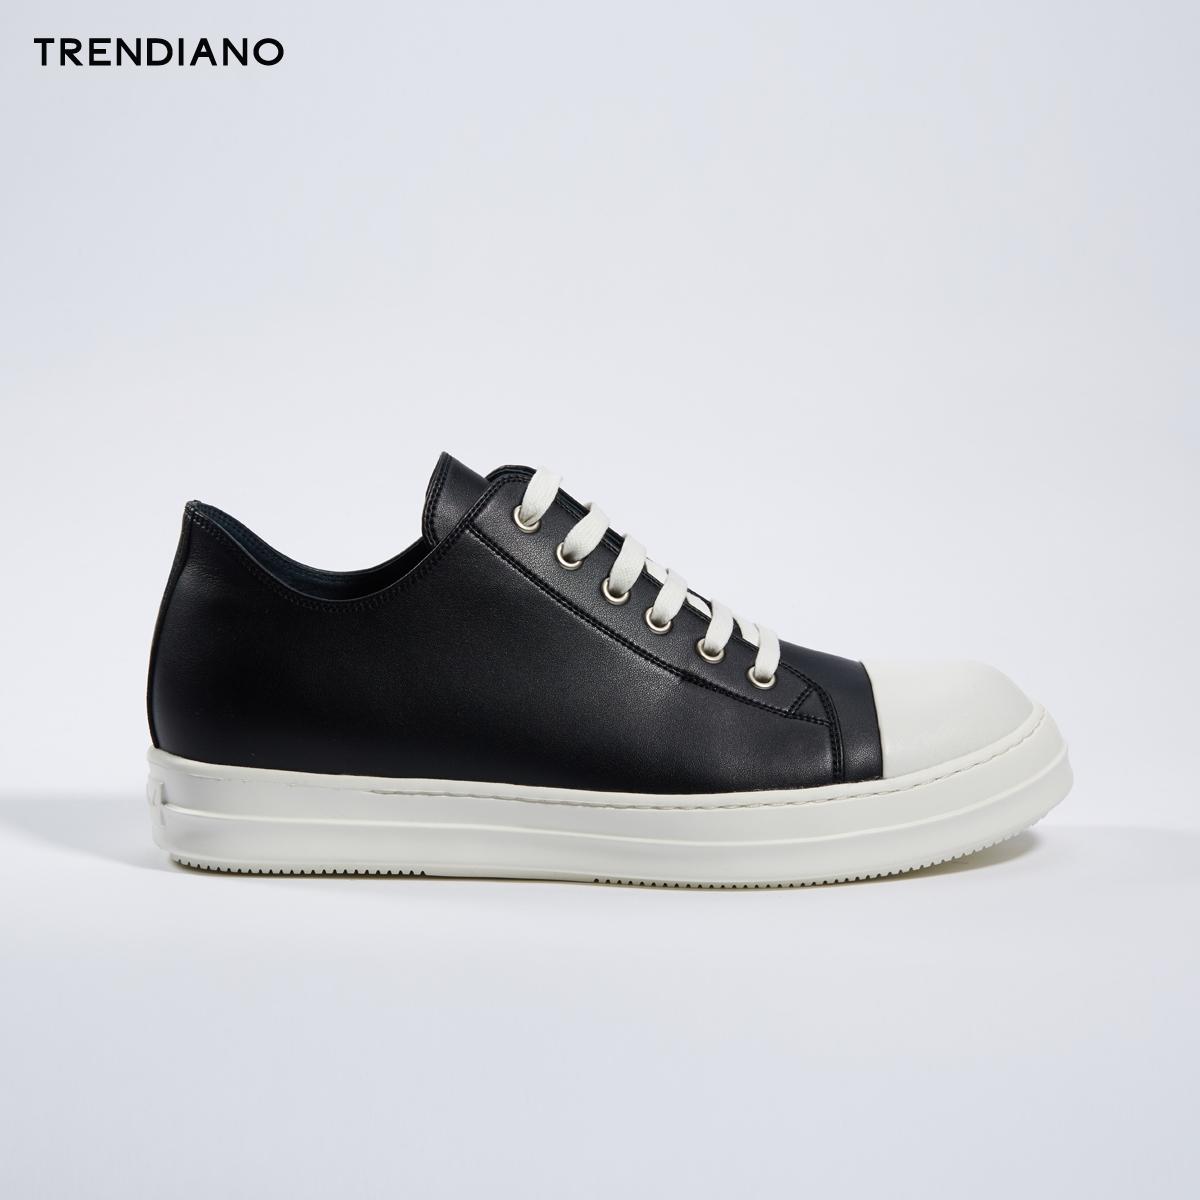 TRENDIANO新2018男装春装简约系带平底低帮休闲板鞋男3GA151805P